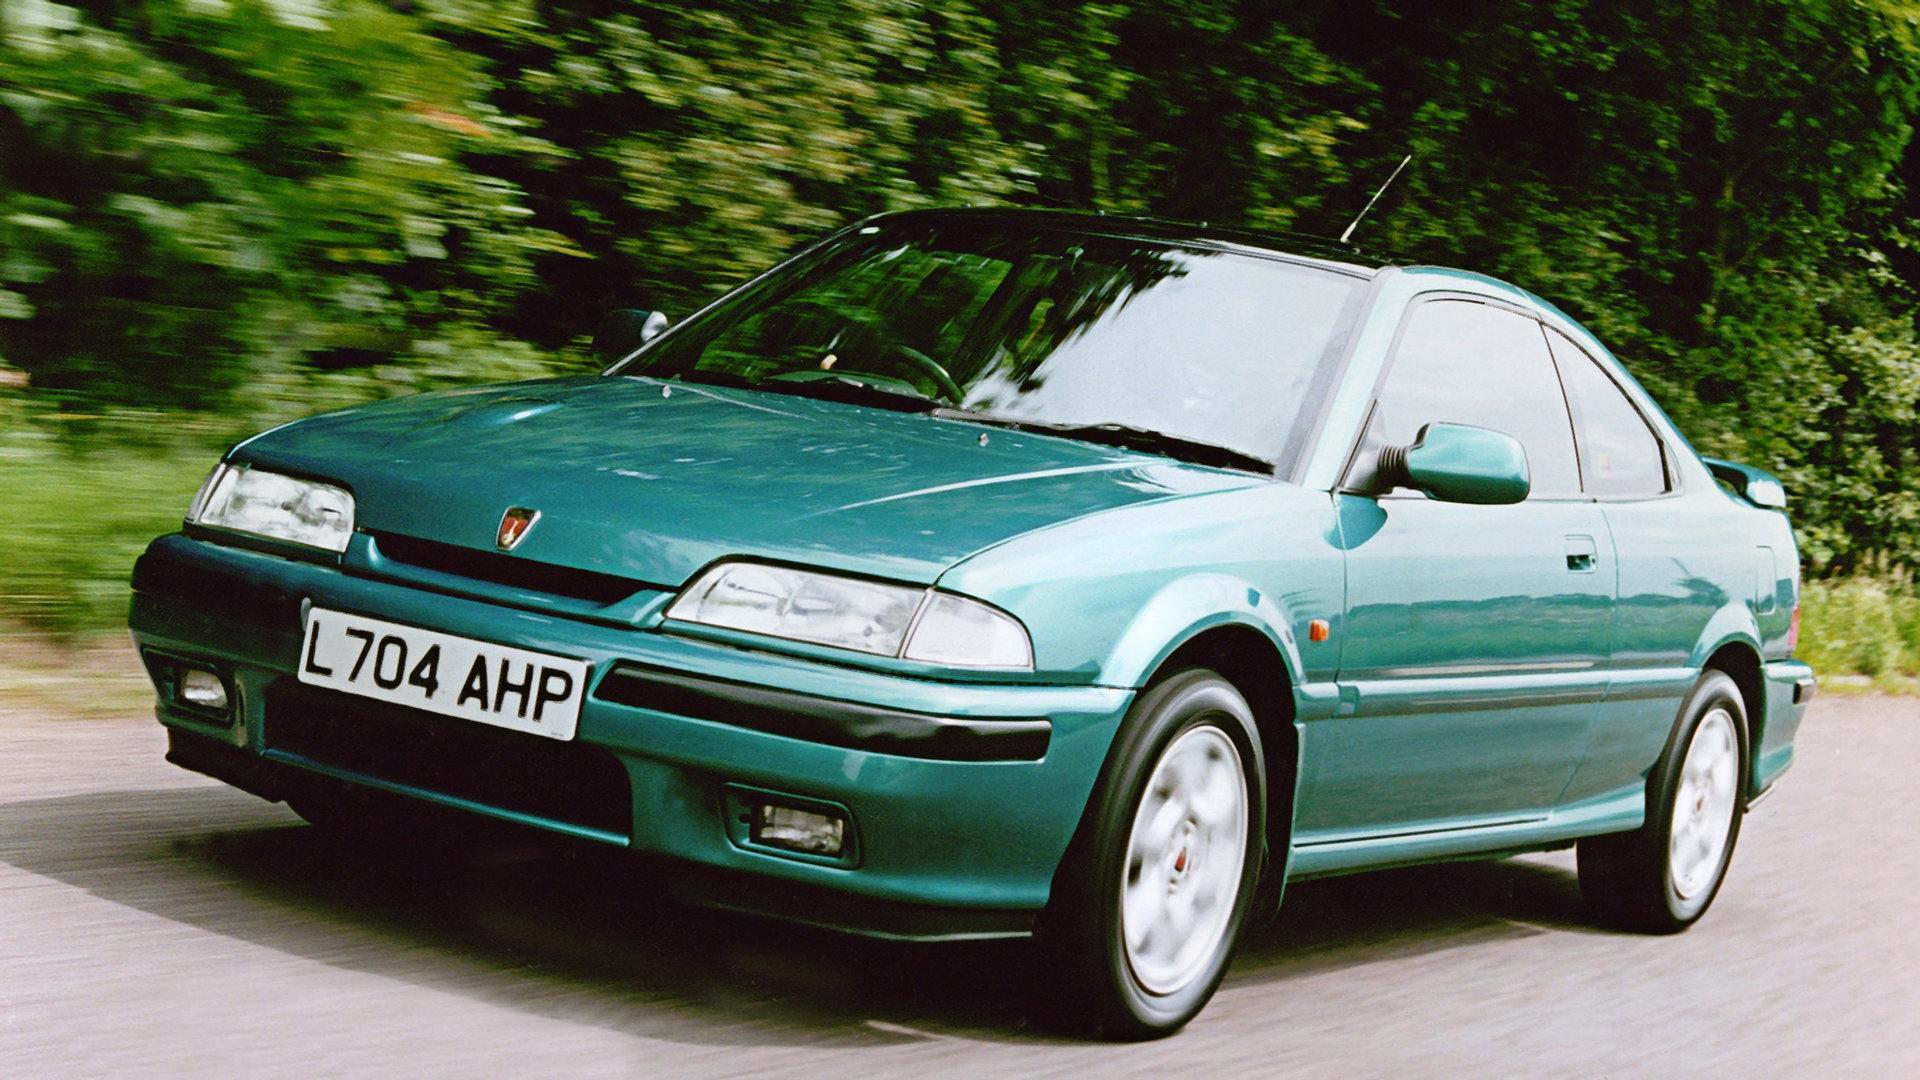 Coche del día: Rover 220 Coupé Turbo